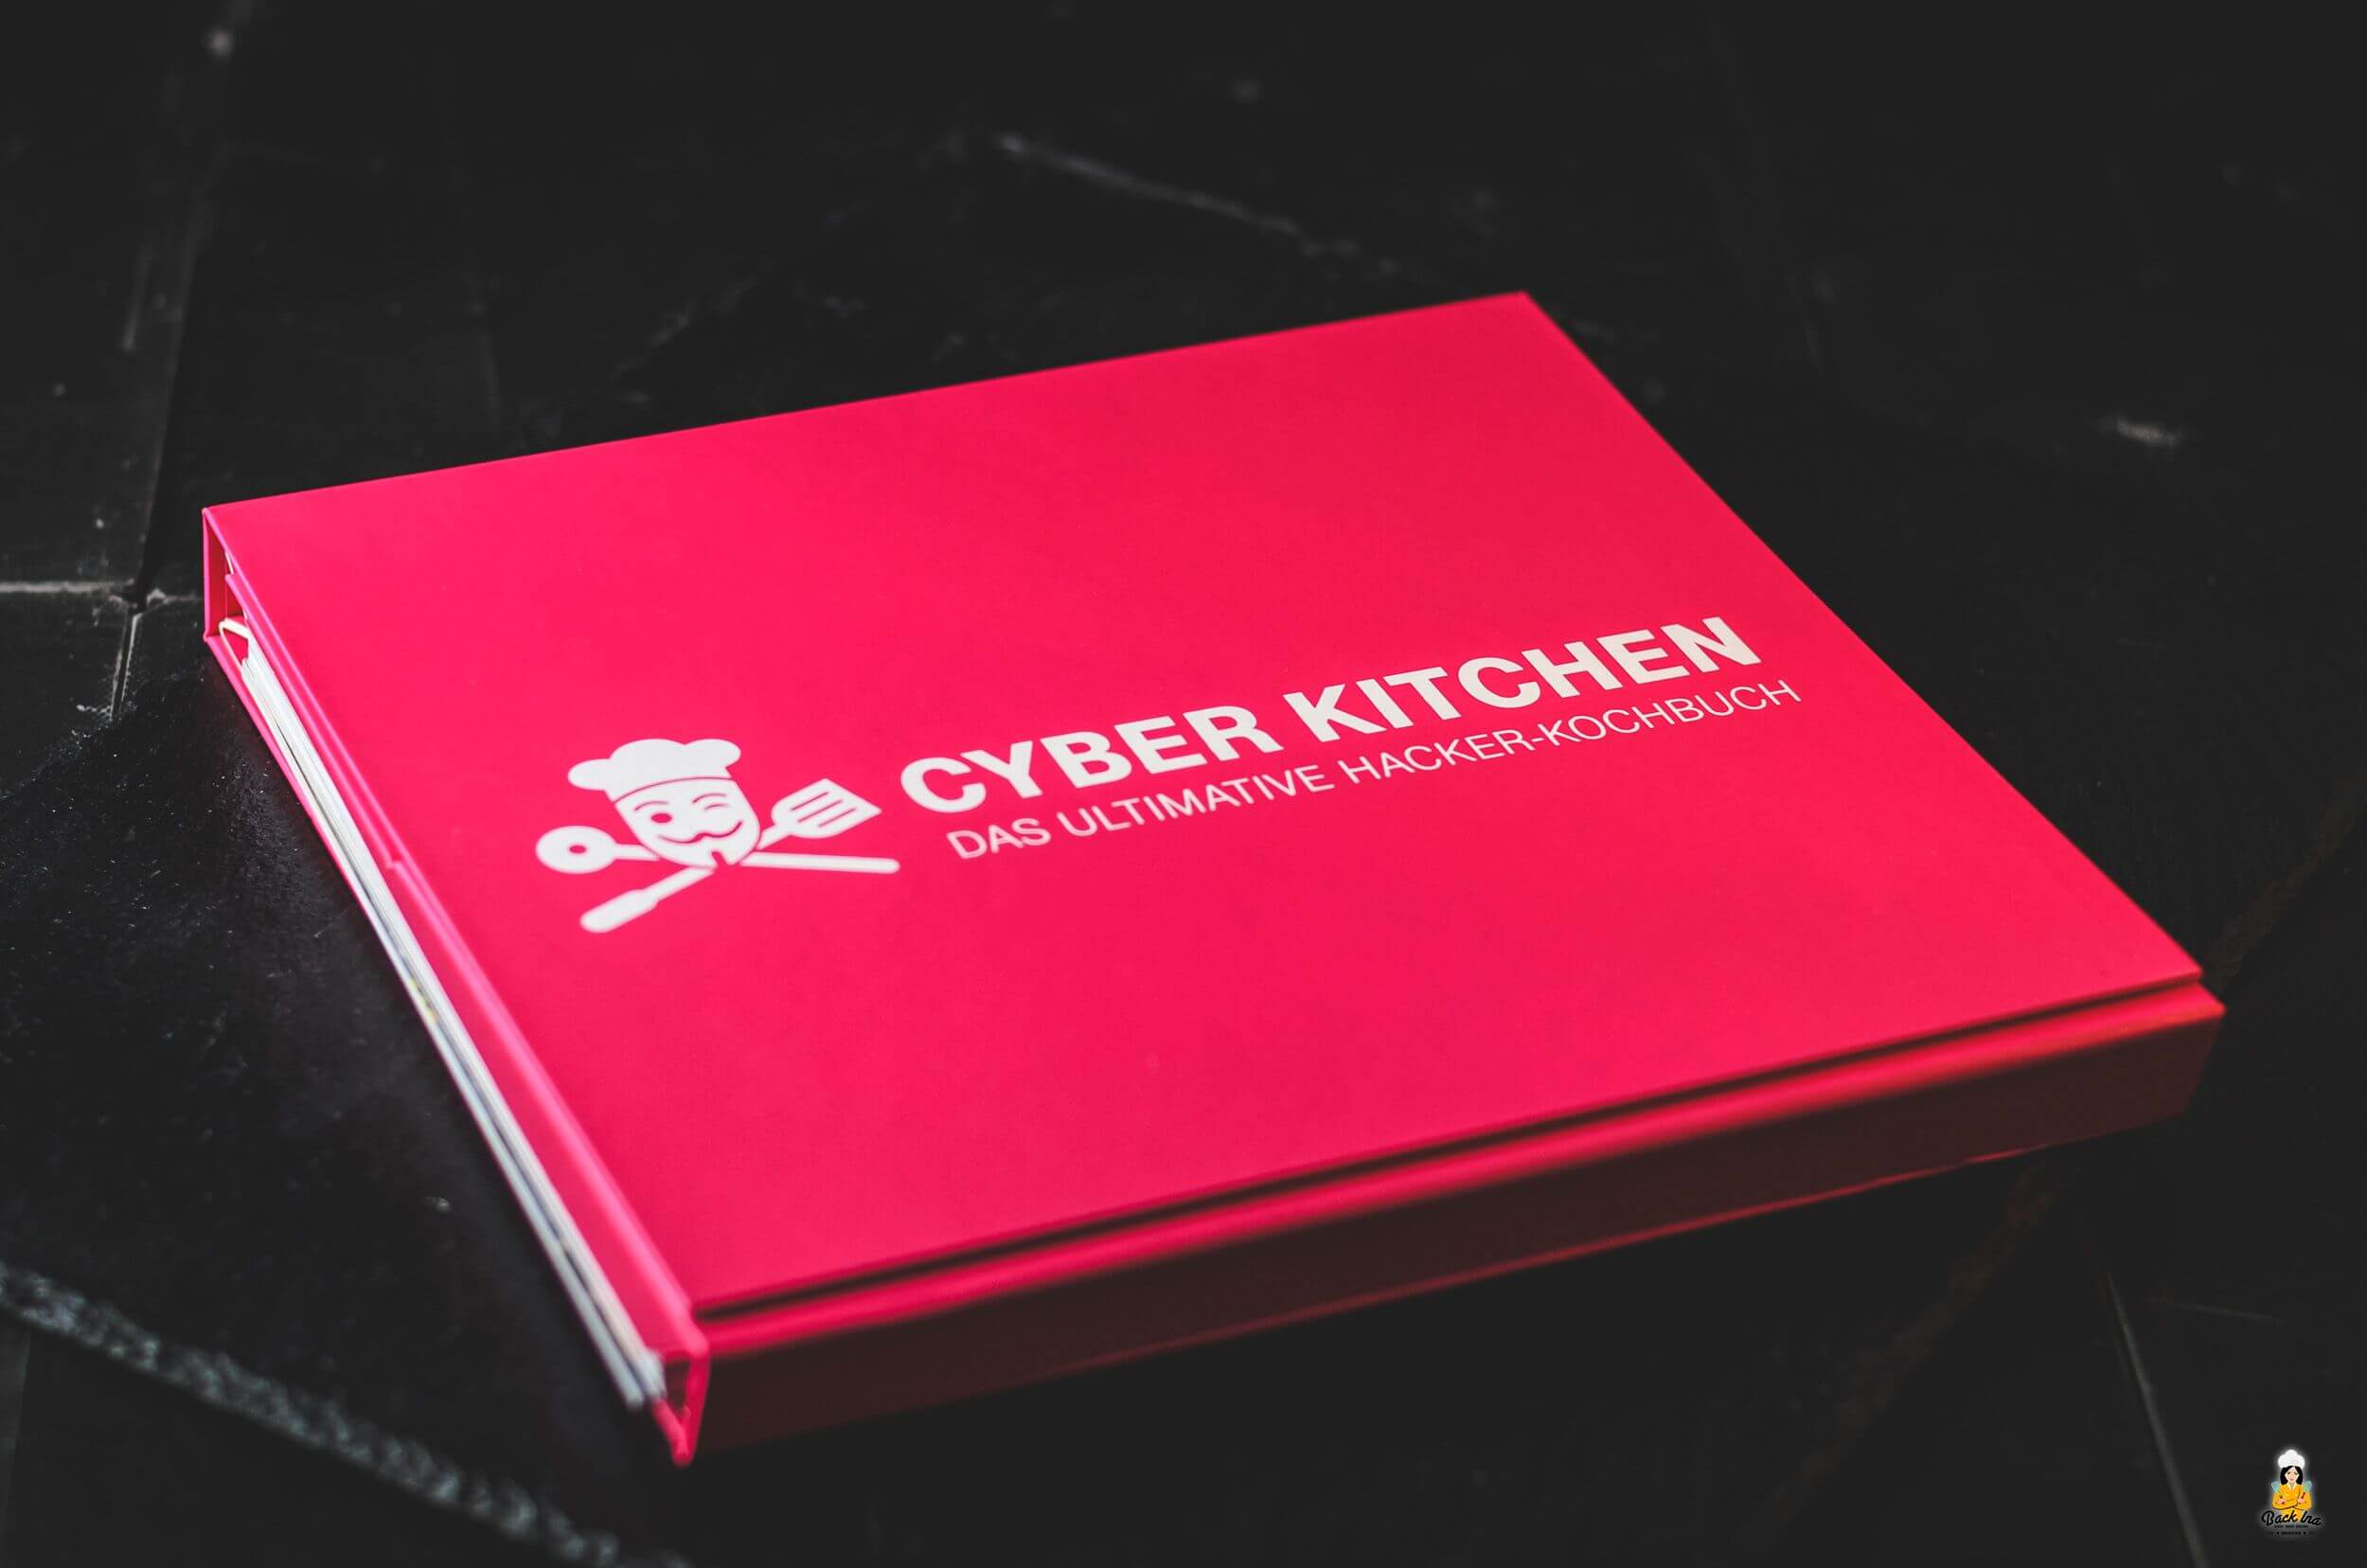 Cyber Kitchen - Hacker Kochbuch der Deutschen Telekom